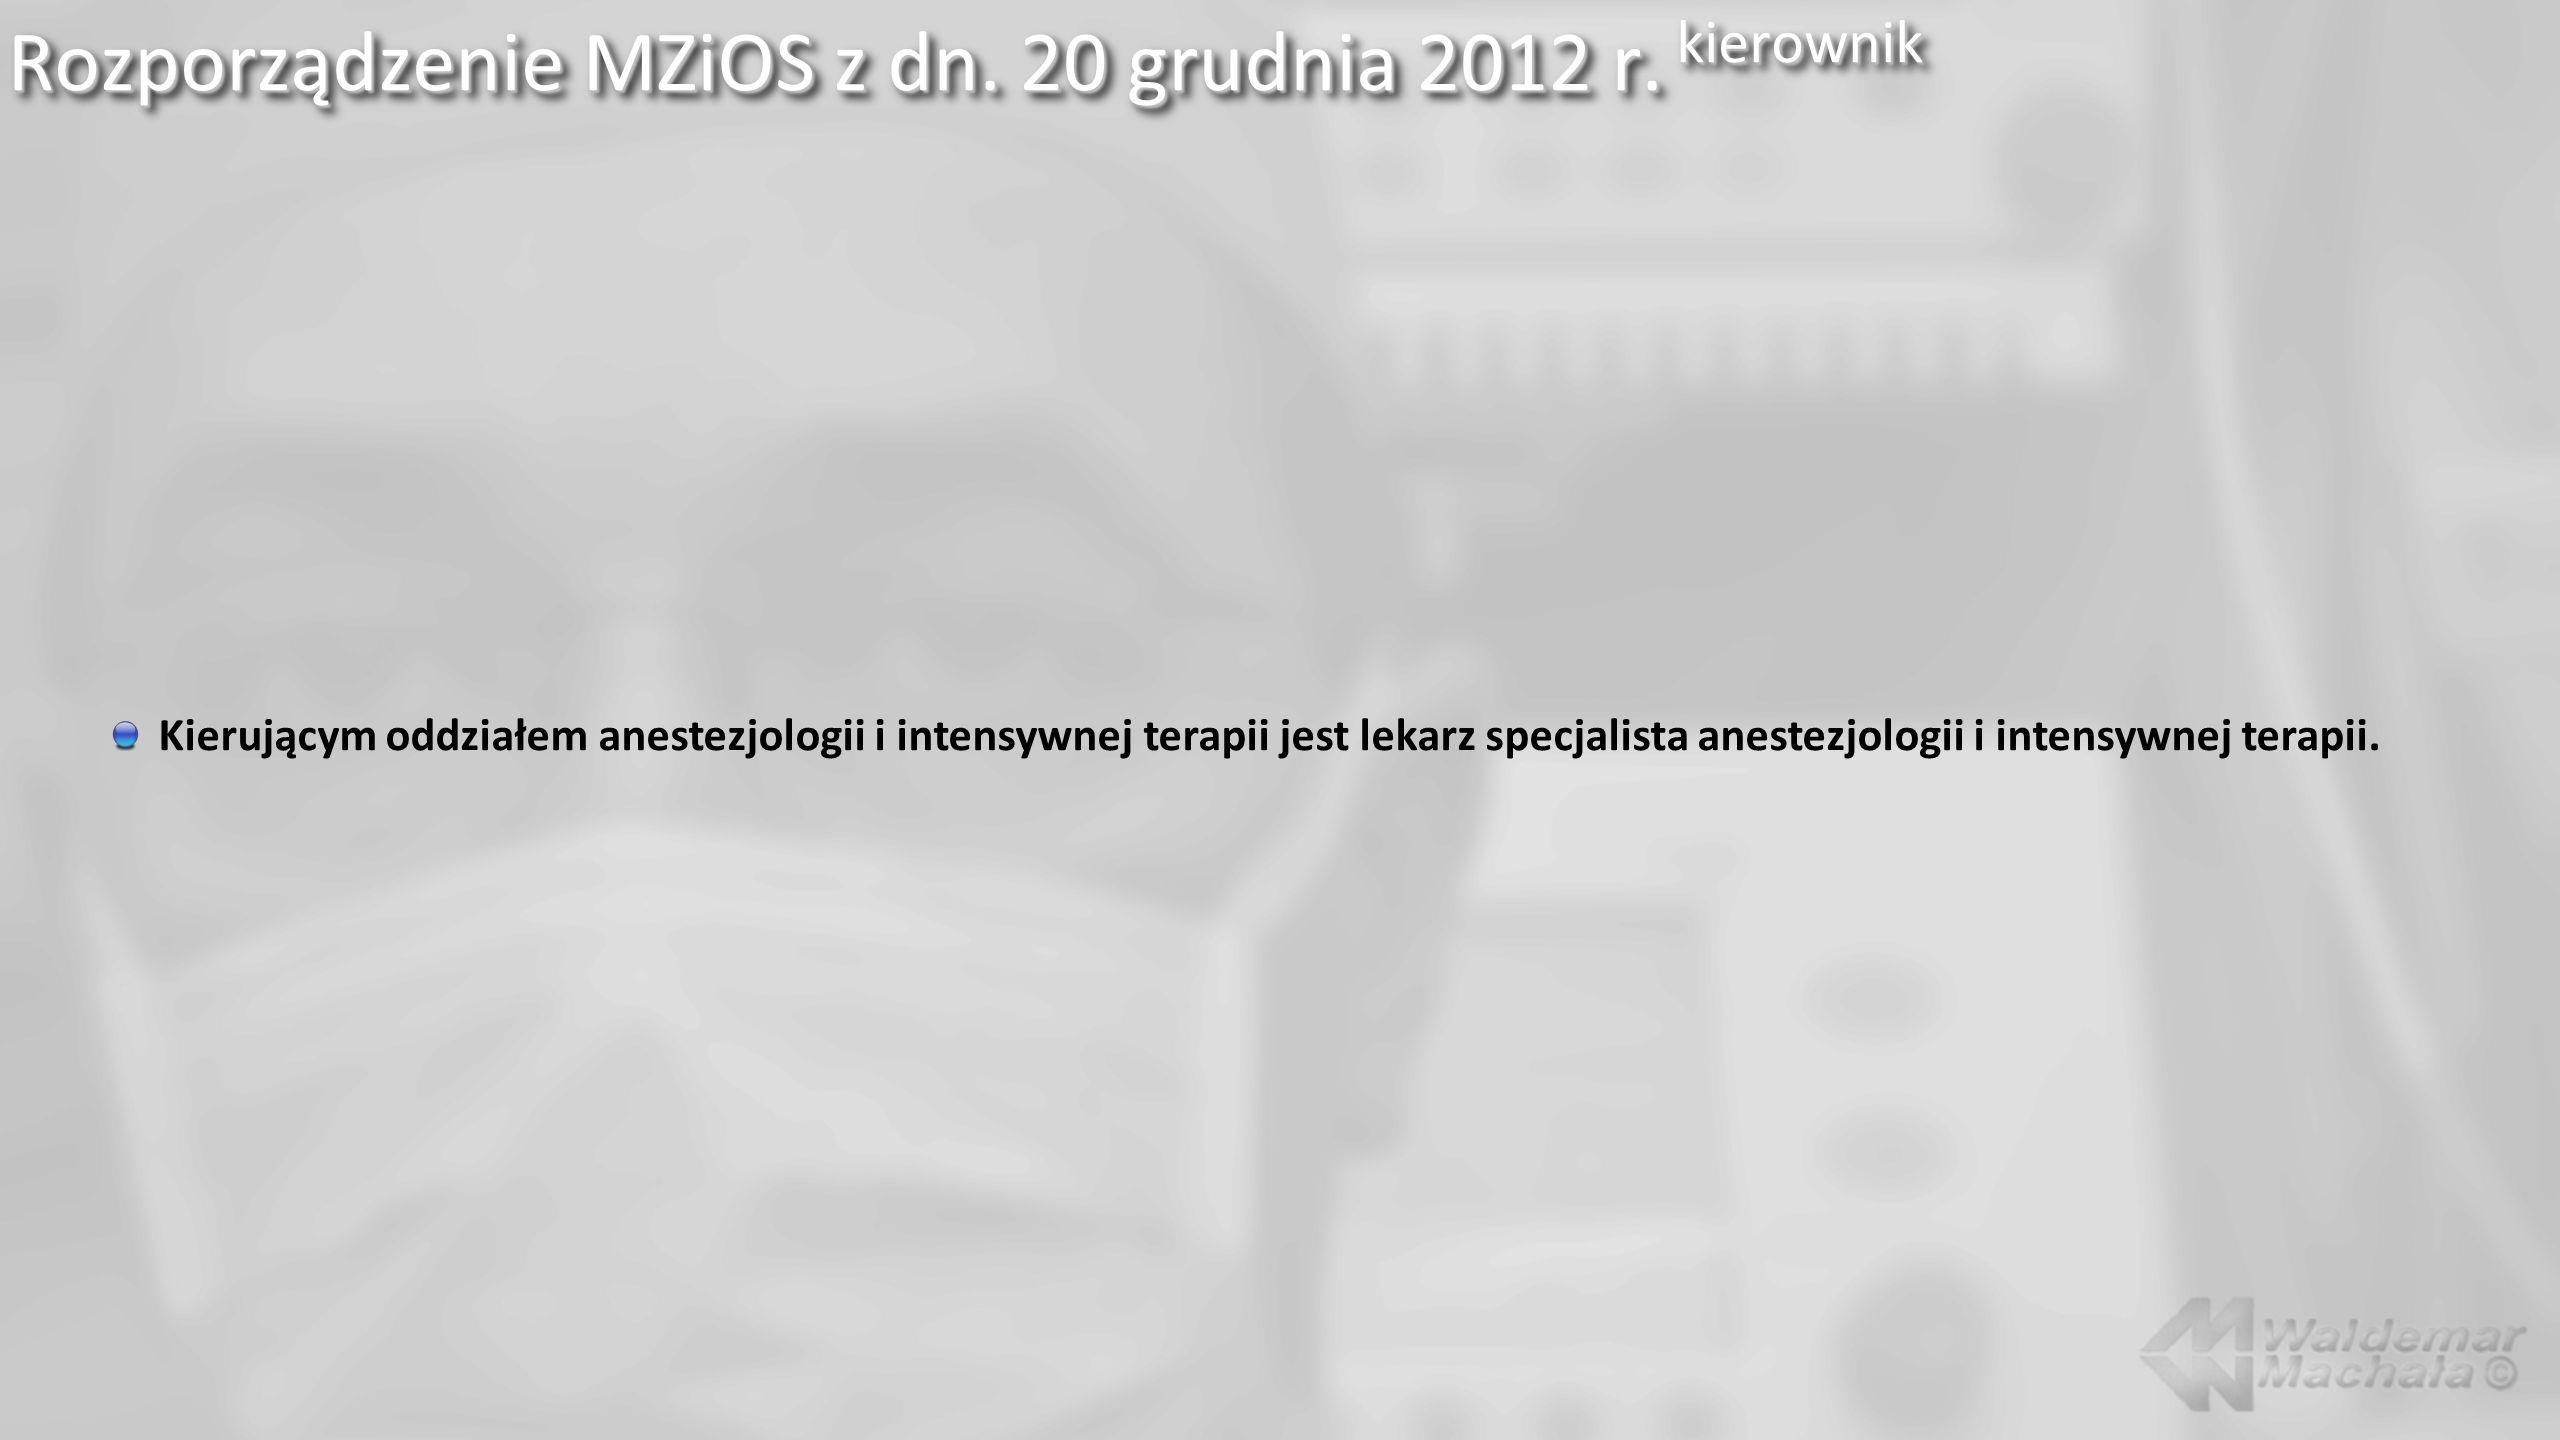 Rozporządzenie MZiOS z dn. 20 grudnia 2012 r. kierownik Kierującym oddziałem anestezjologii i intensywnej terapii jest lekarz specjalista anestezjolog